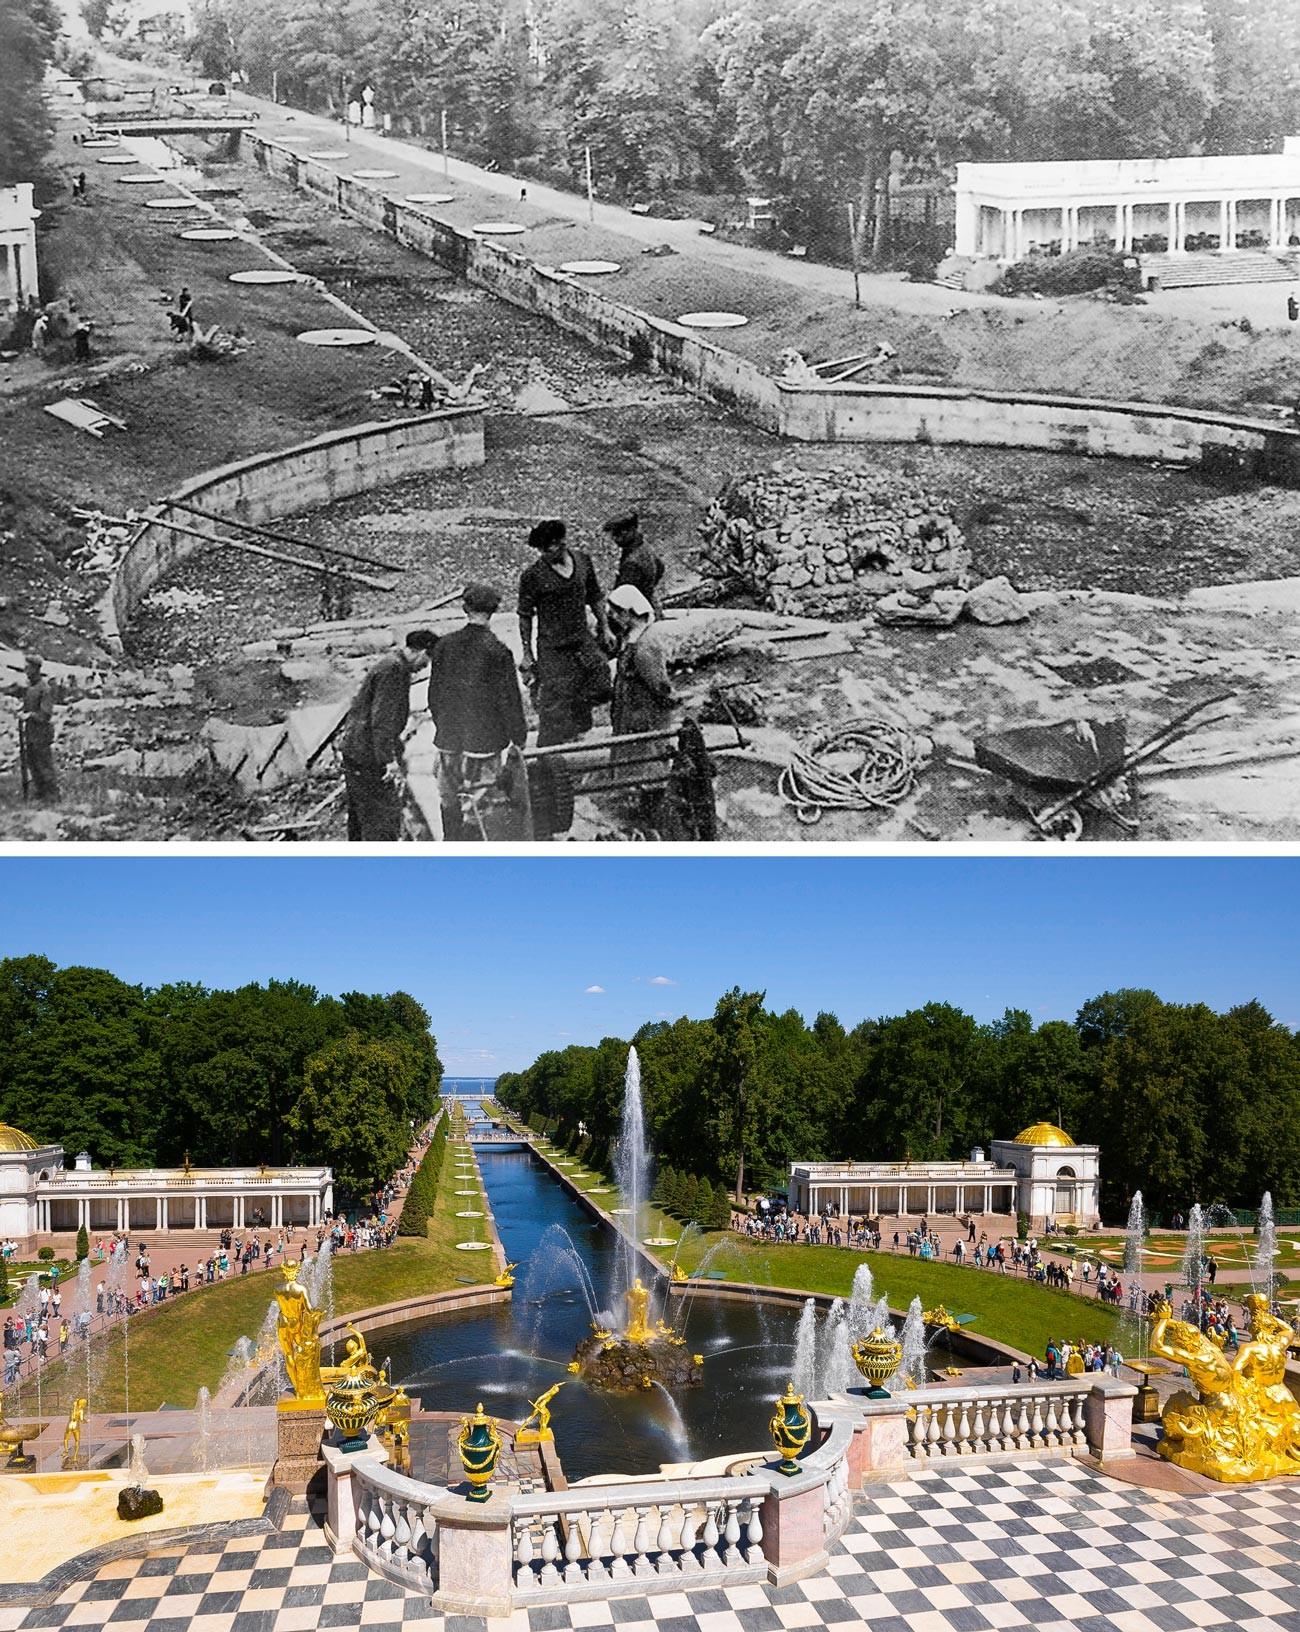 Fontana Boljšoj kaskad leta 1946 in danes